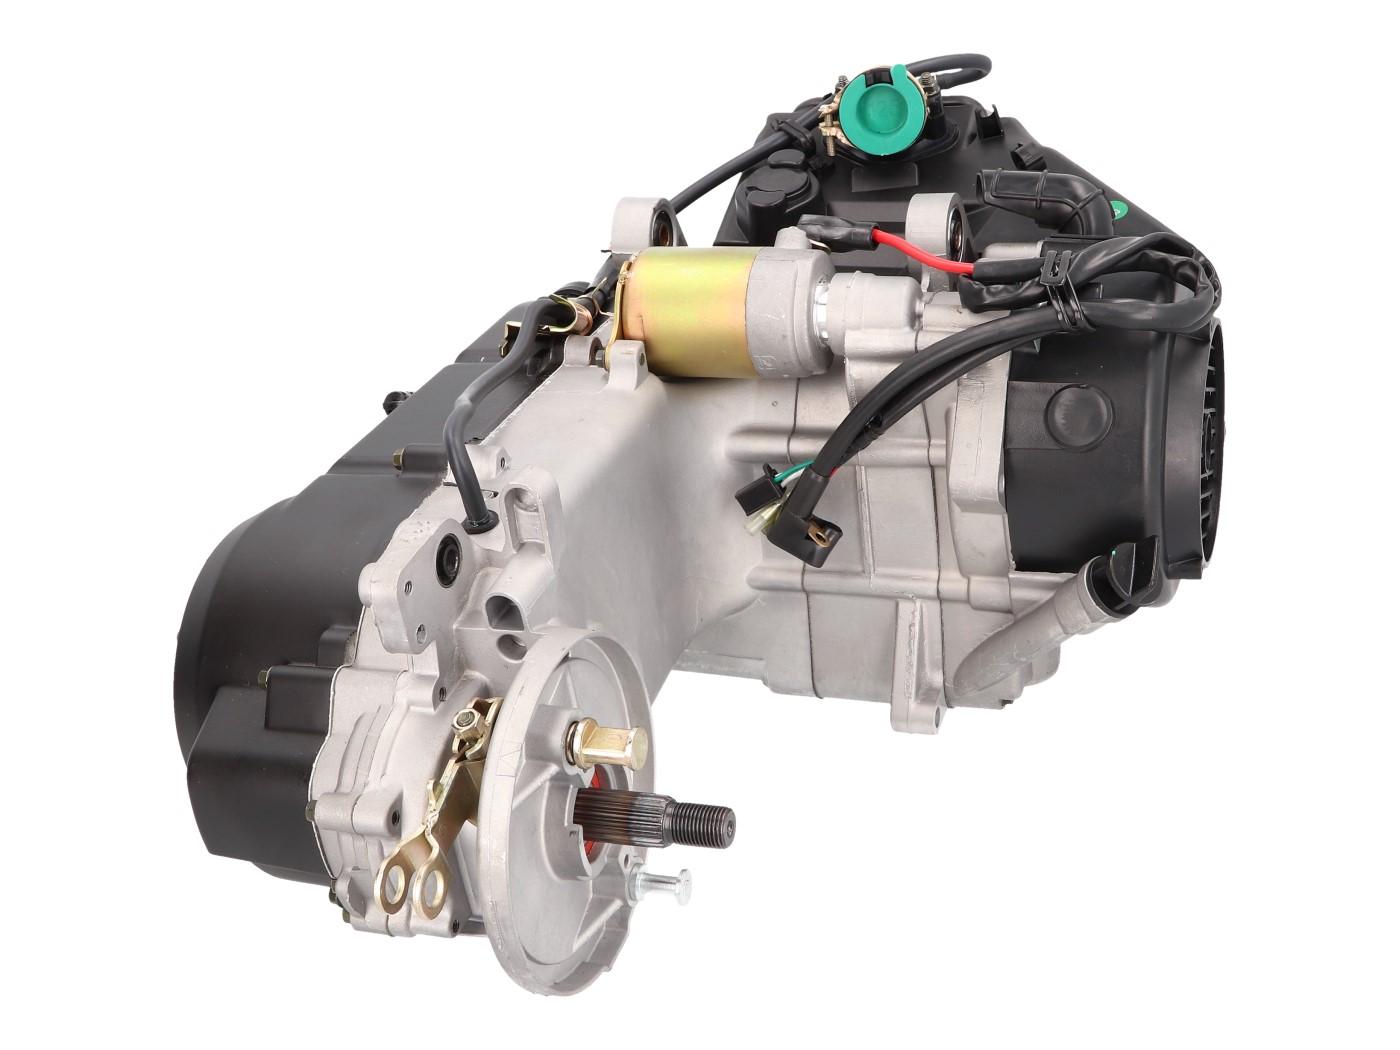 Motor kurz 743mm für GY6 125ccm 152QMI für Trommelbremse